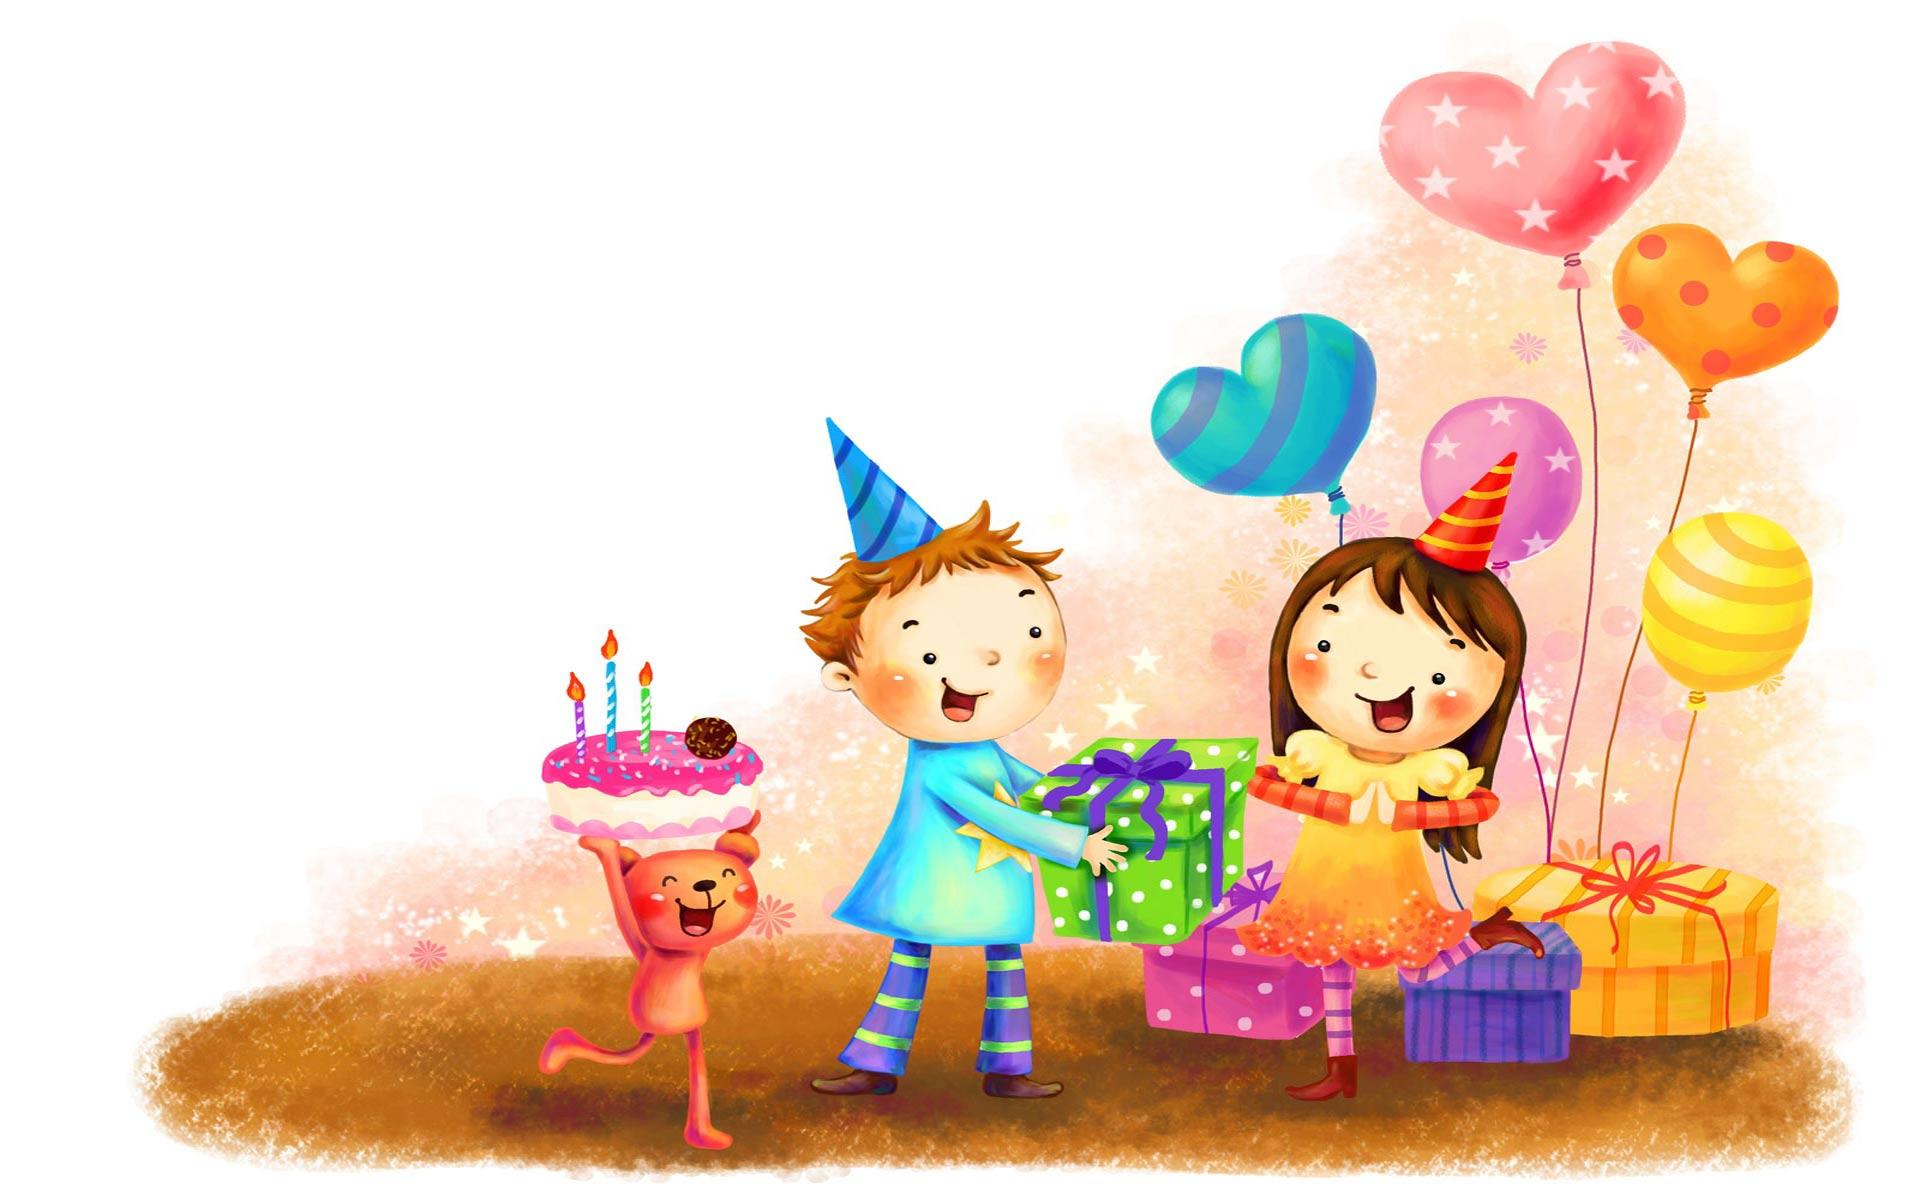 Papel de parede infantil feliz anivers rio papel de for Papel decomural infantil